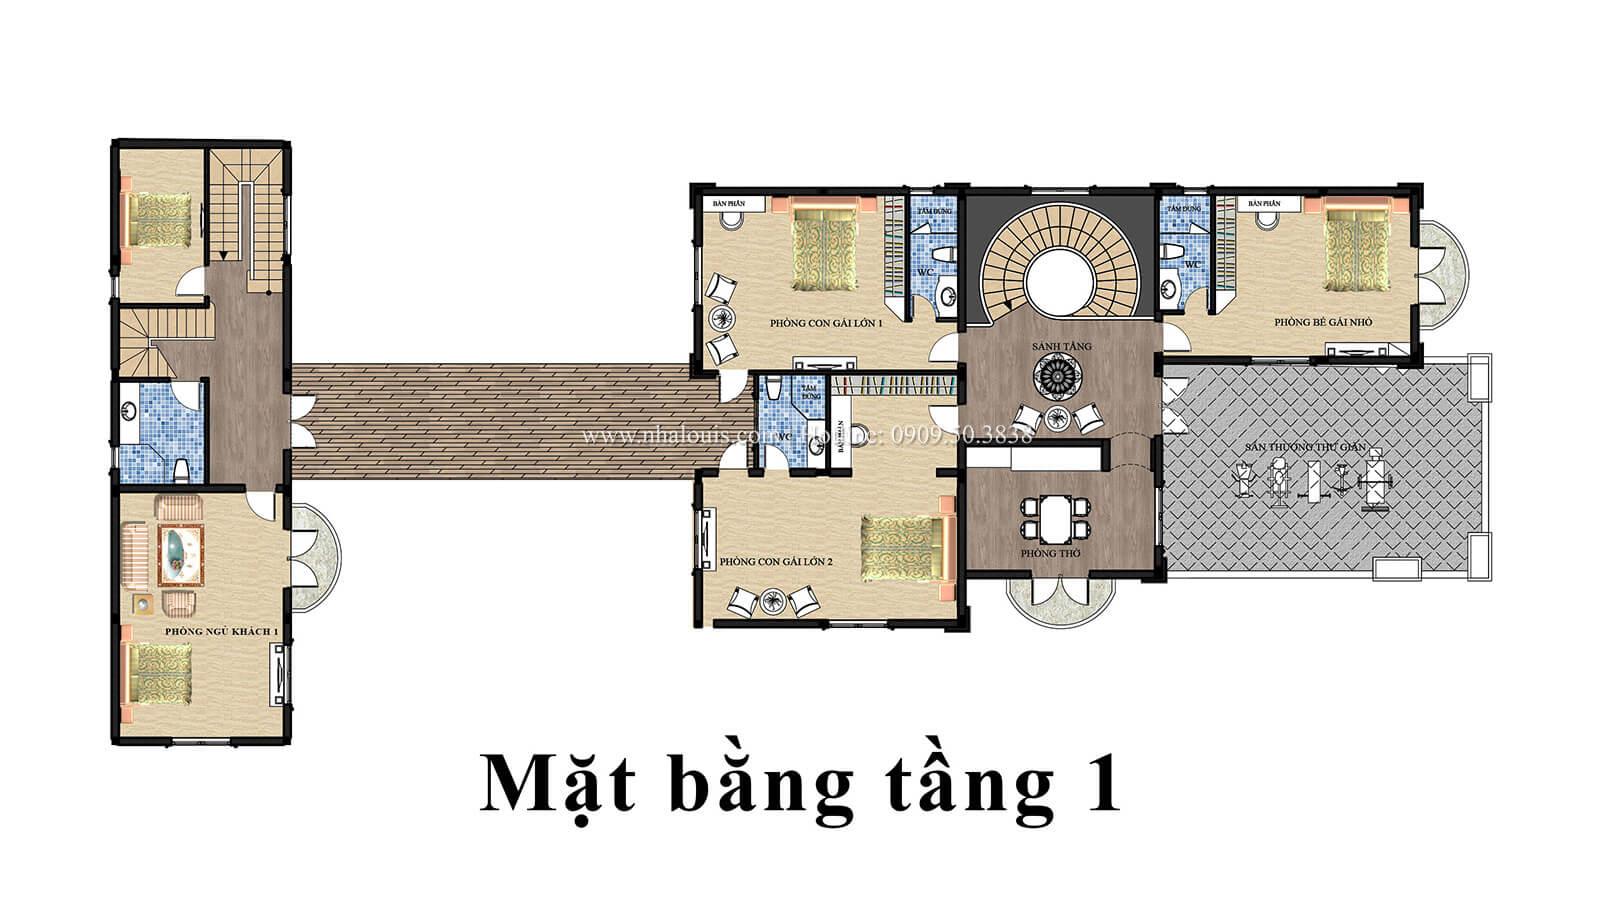 Mặt bằng tầng 1 Mẫu biệt thự 2 tầng đẹp quý phái tại Hội An - 06